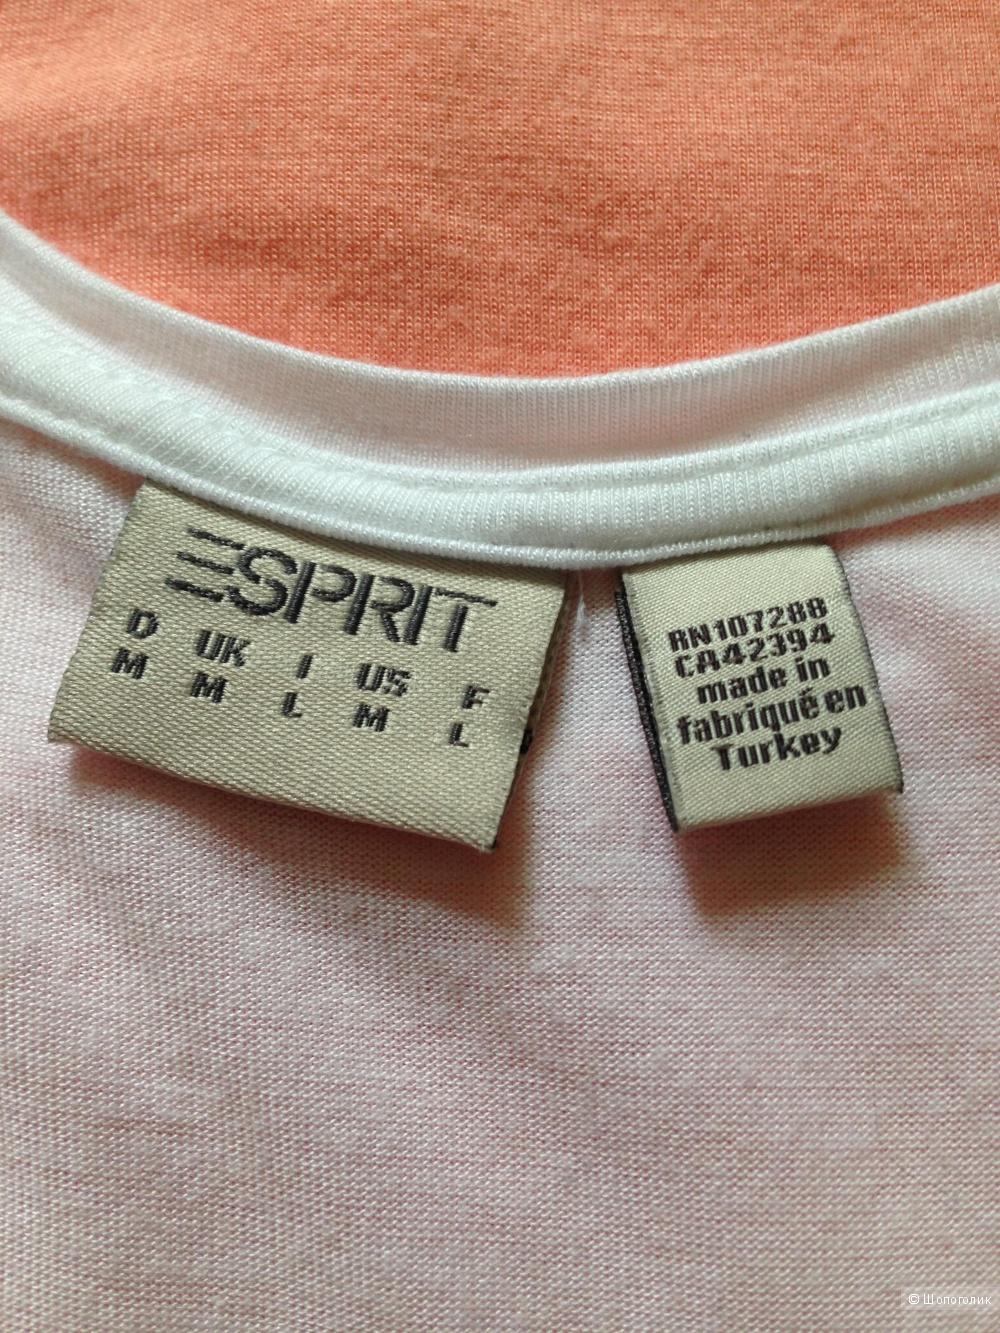 Трикотажная майка-топ Esprit персикового цвета, размер M/L на 44-46